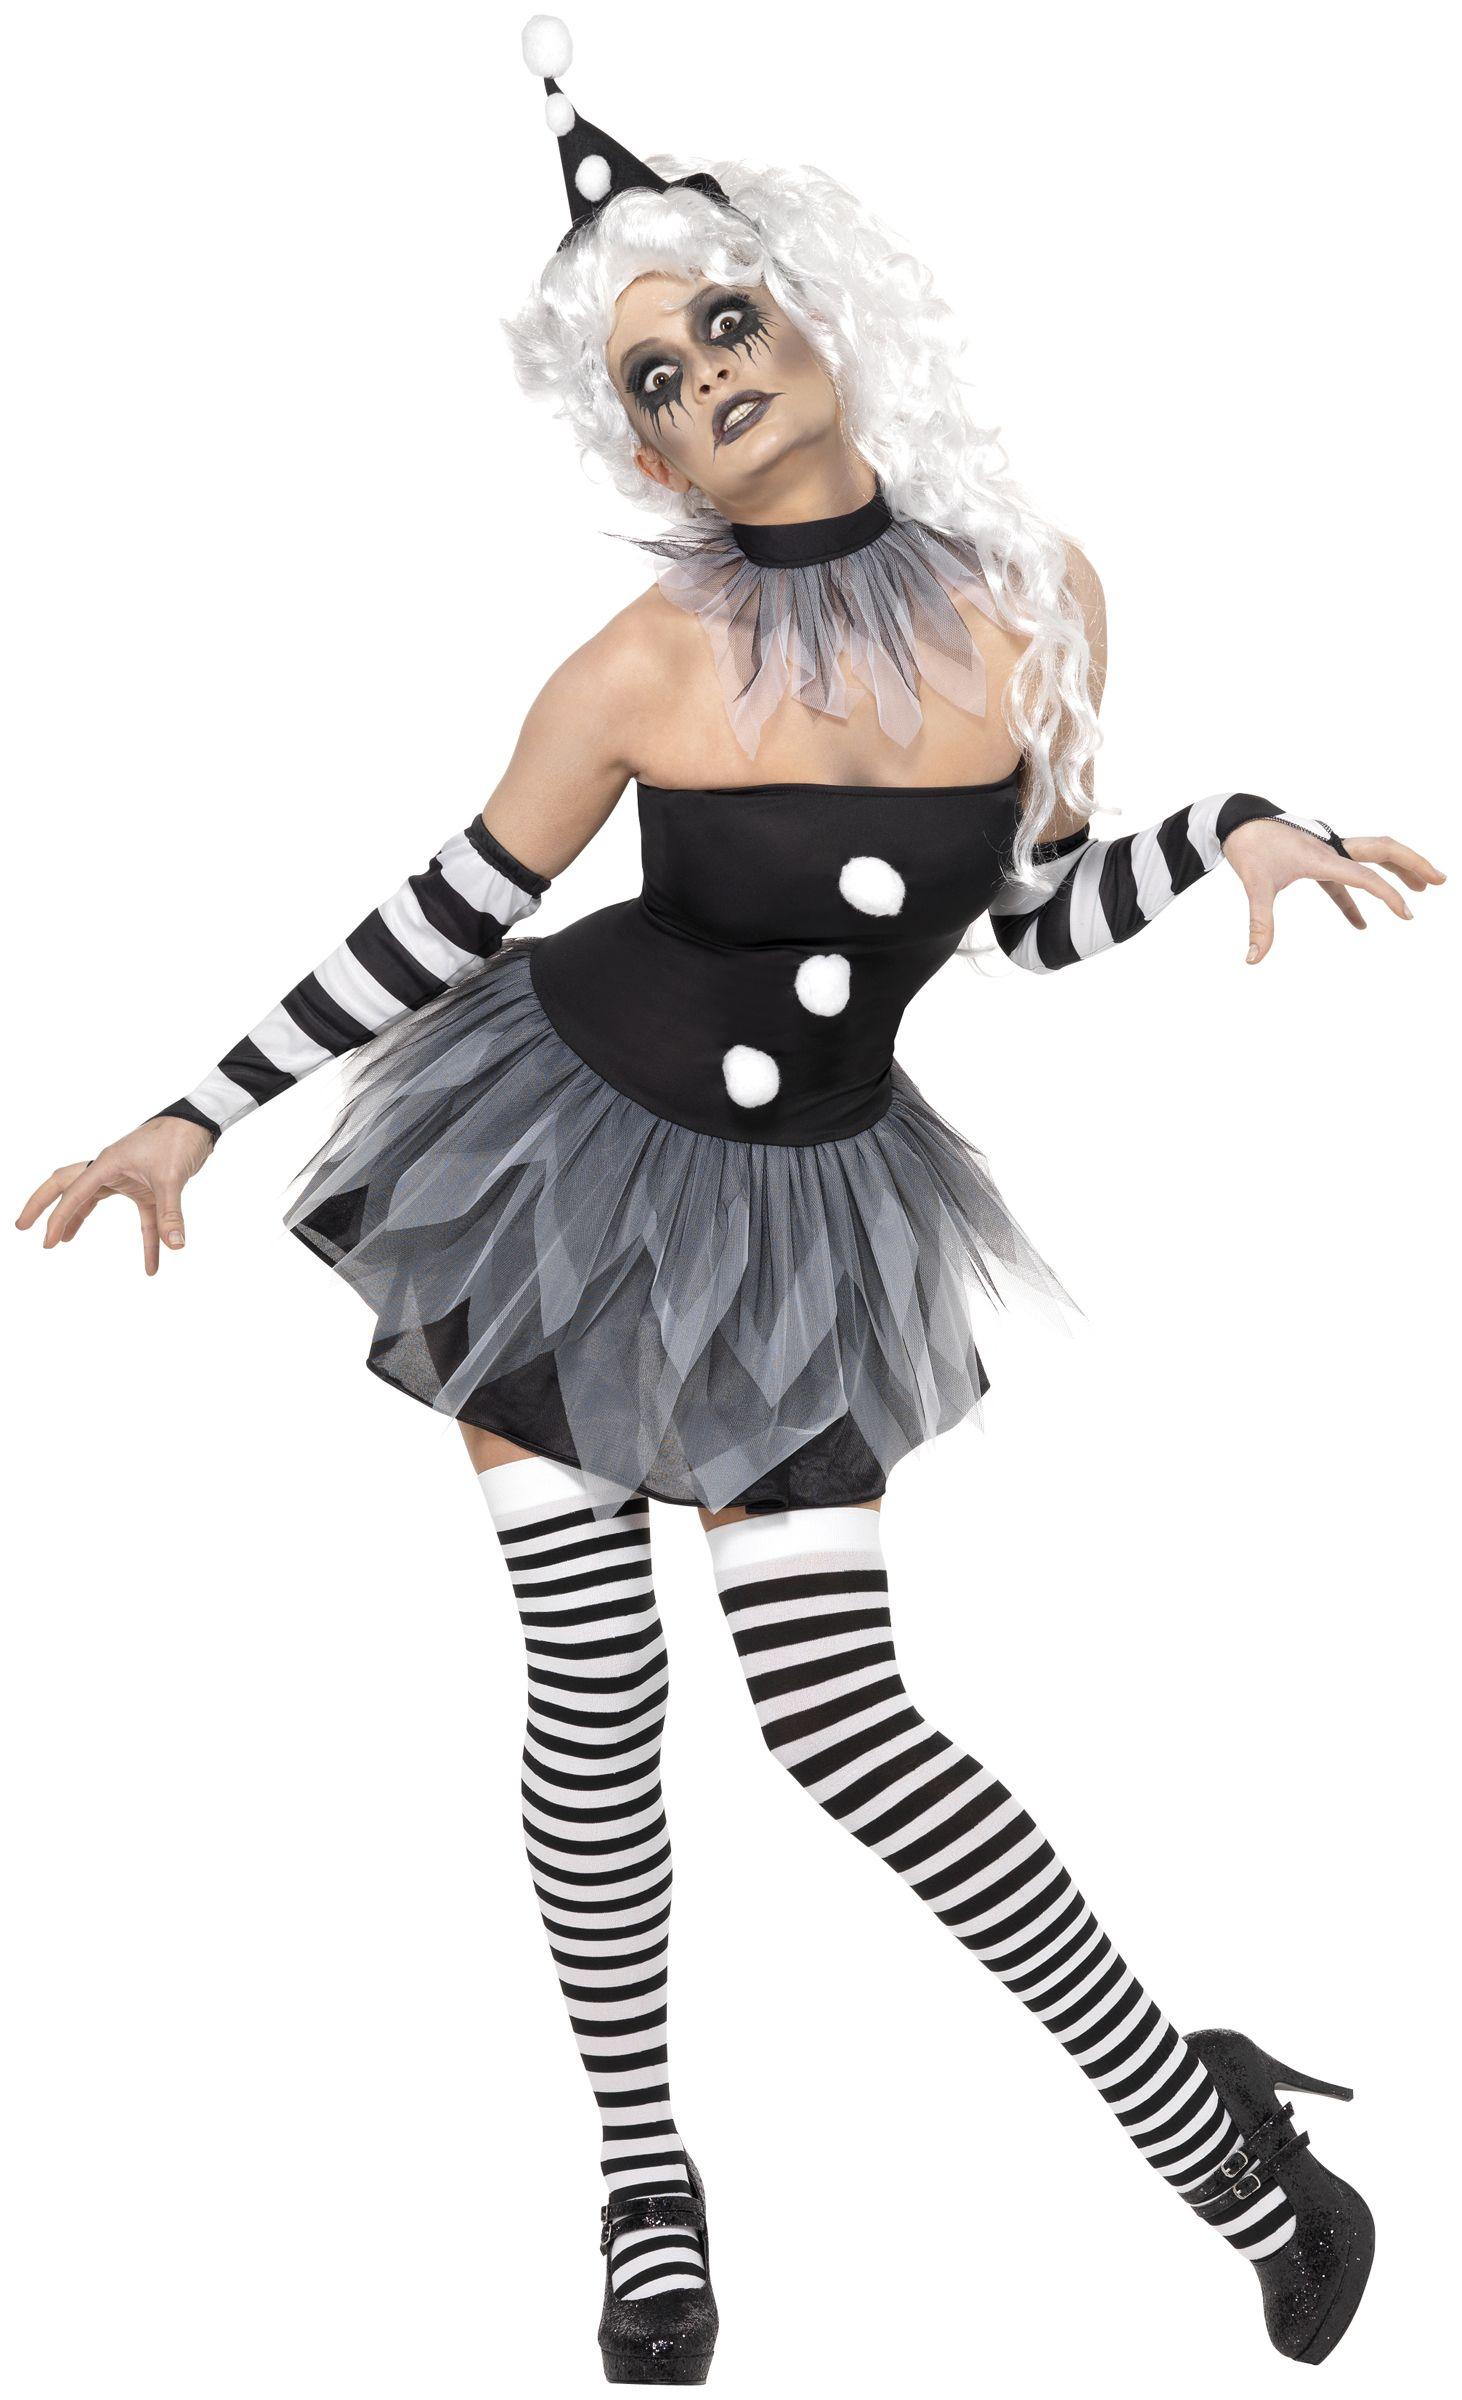 Clown Deguisement Chemisier Blanc Sexy Femme vOymN80nw